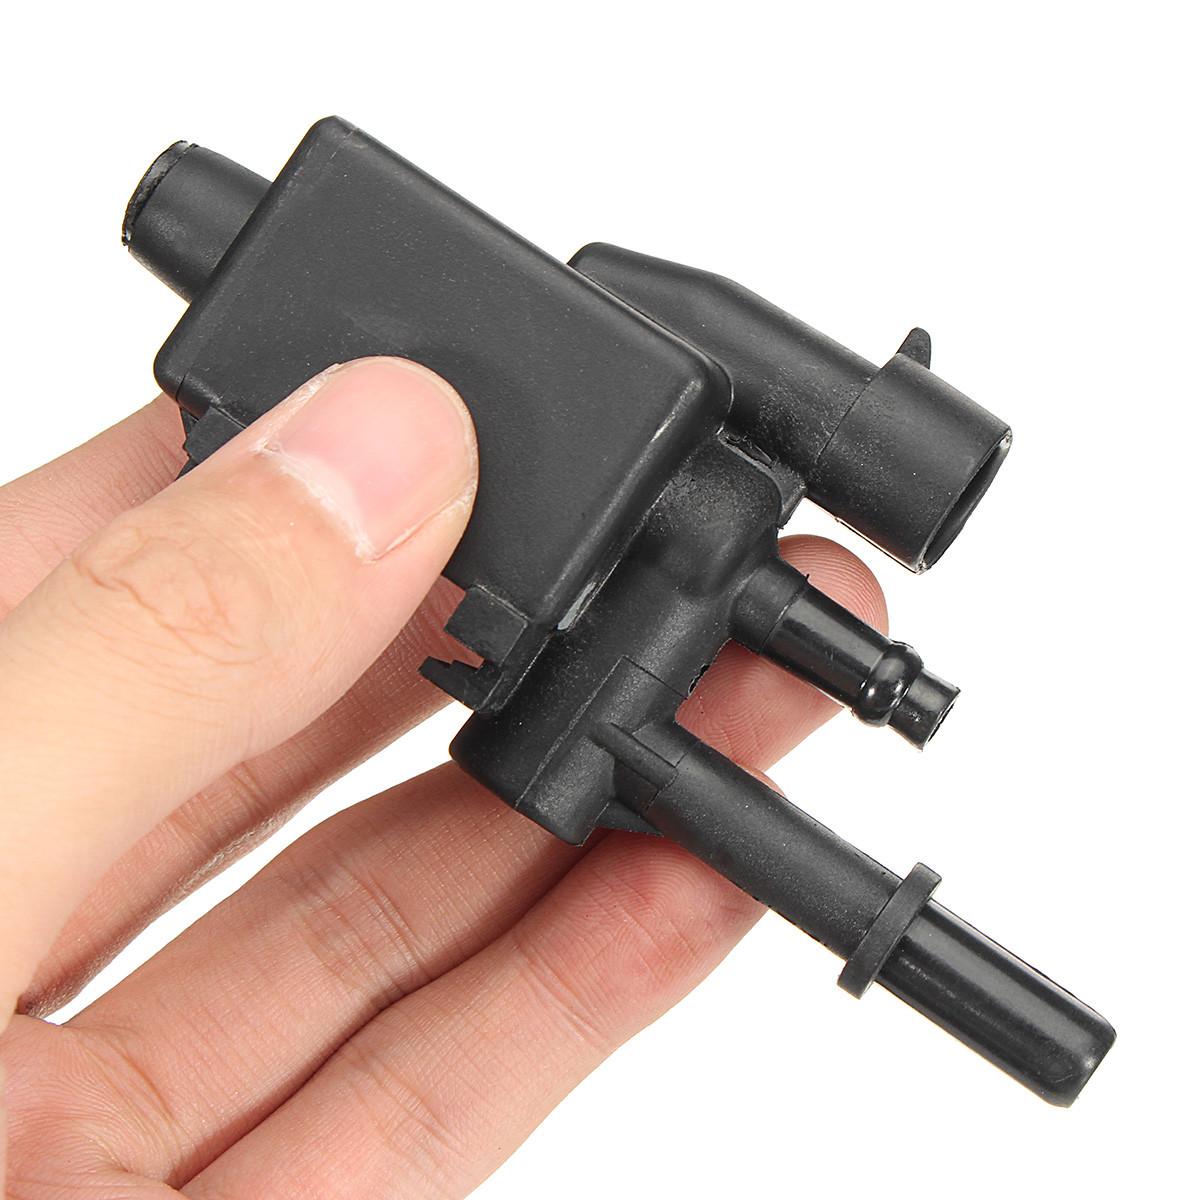 Регулятор выбросов электромагнитных клапанов продувки конденсатоотводчика клапана BUICK CHEVROLET 1997297 - 1TopShop